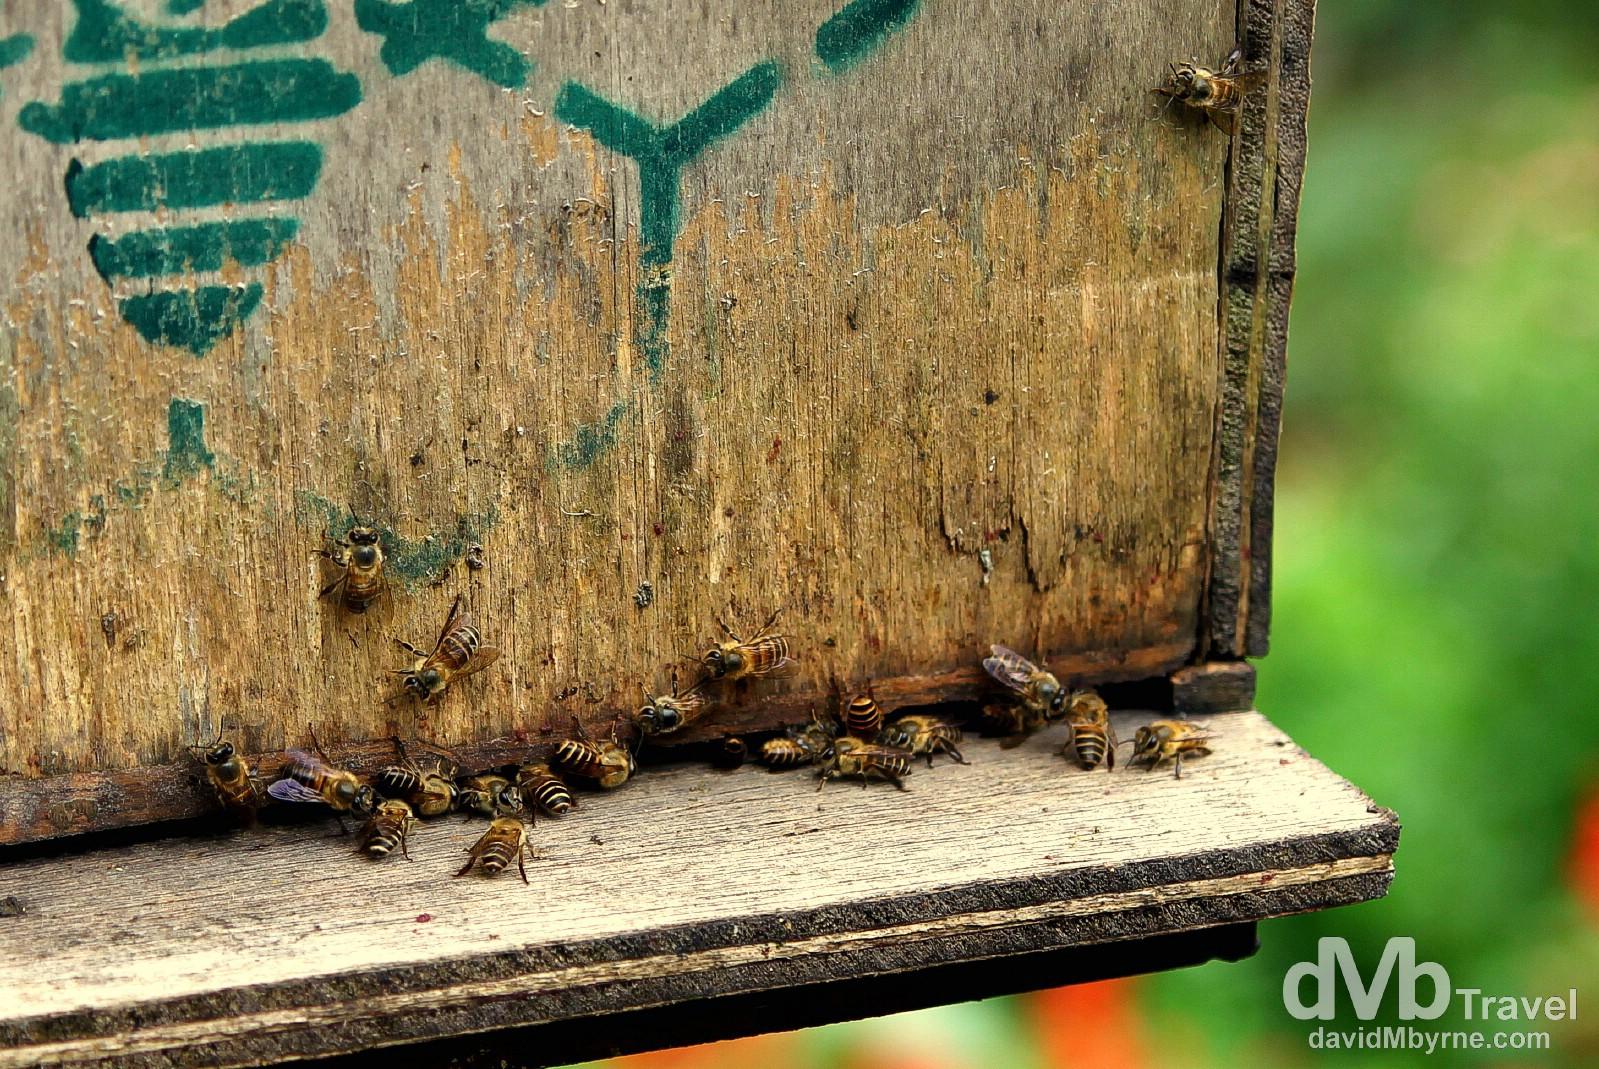 Honeybee Farm, Cameron Highlands, Malaysia. March 26th 2012.